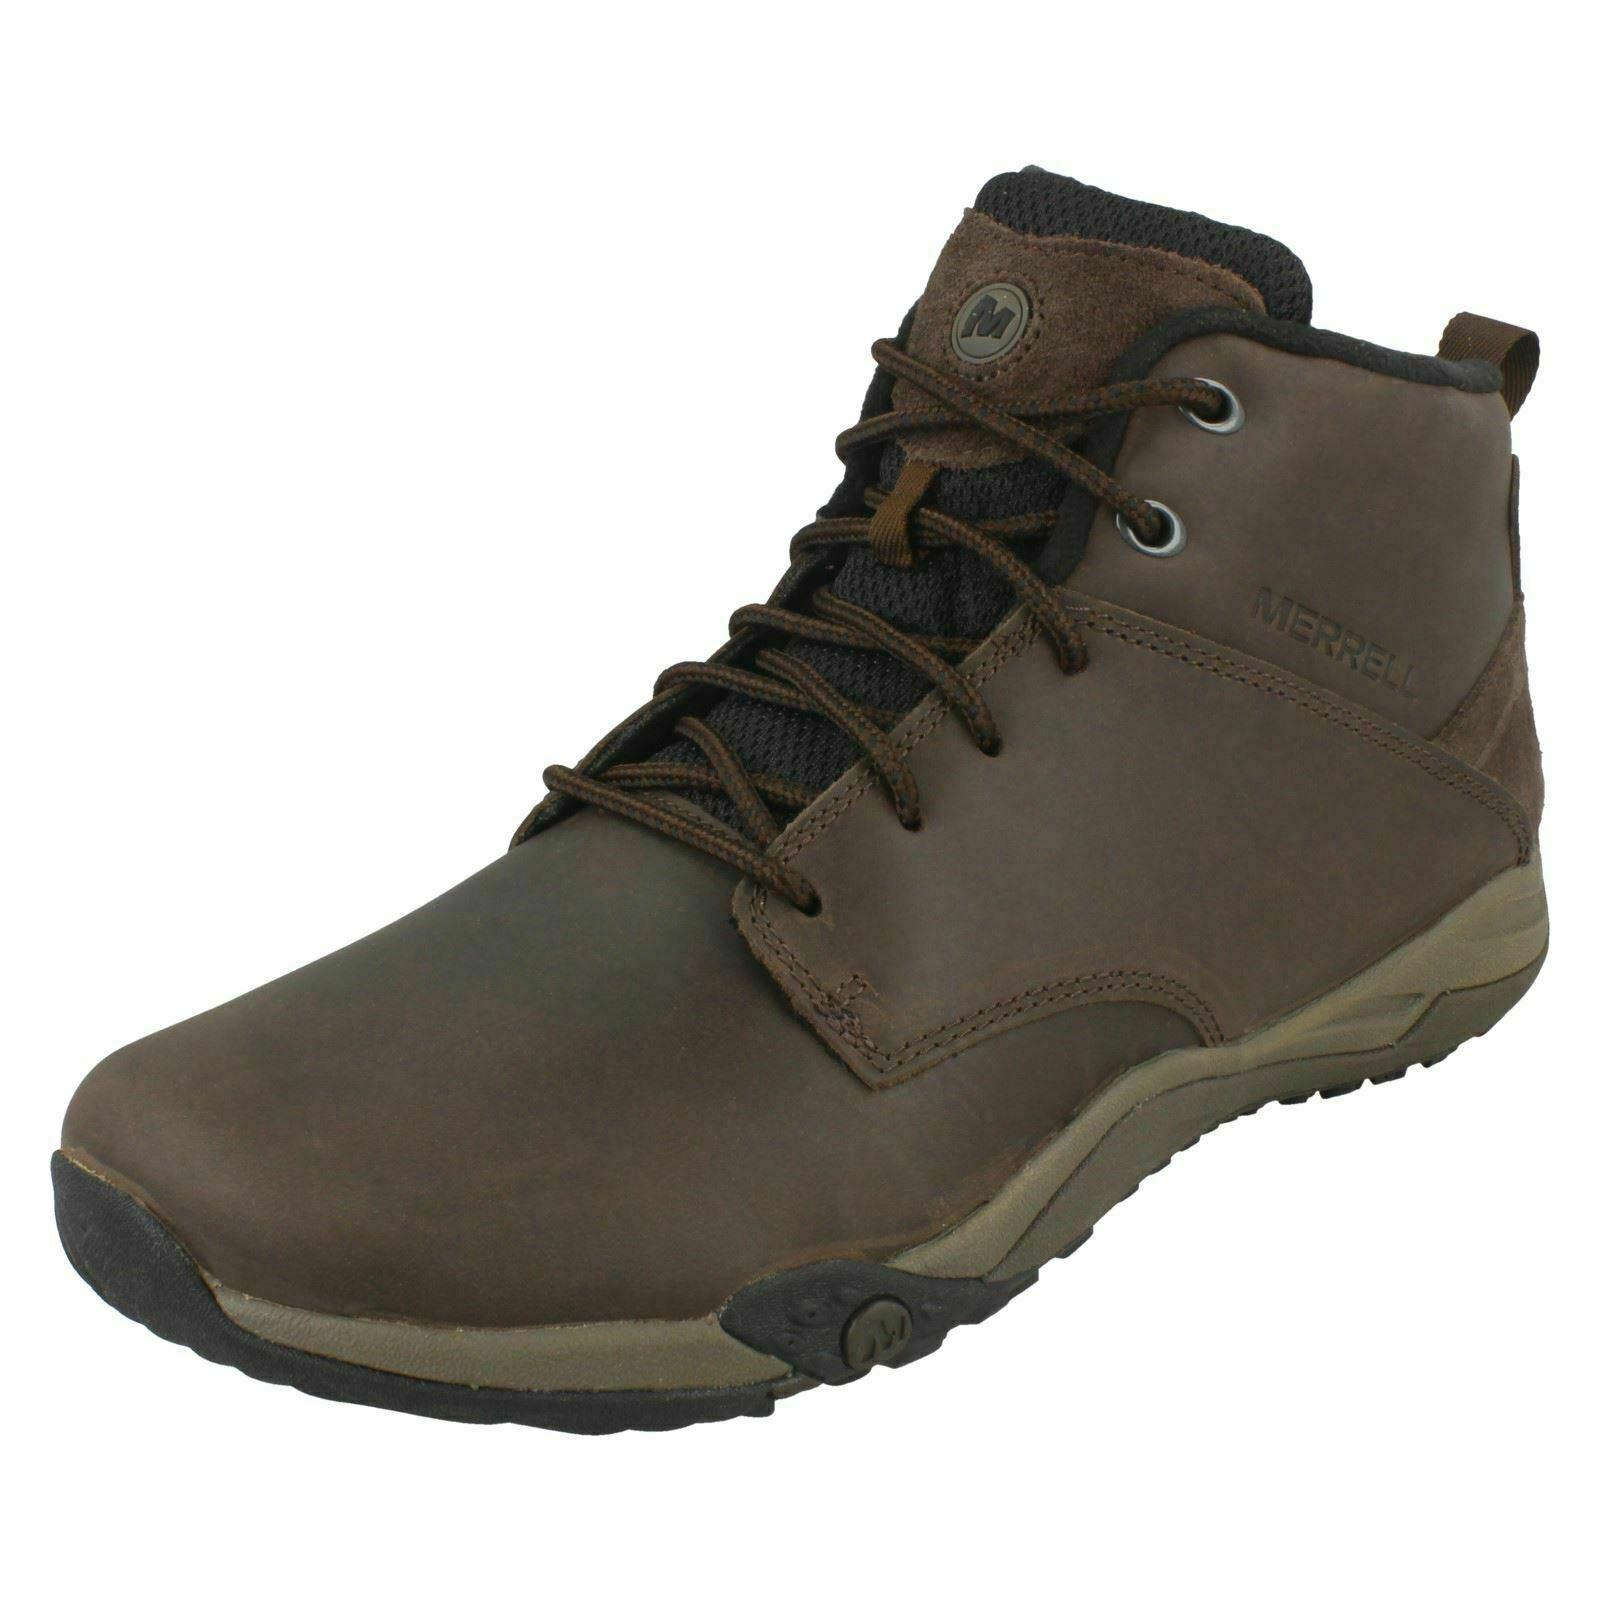 Para Hombre Merrell Helixer Morph Frost botas Con Cordones Cuero Marrón-J598619